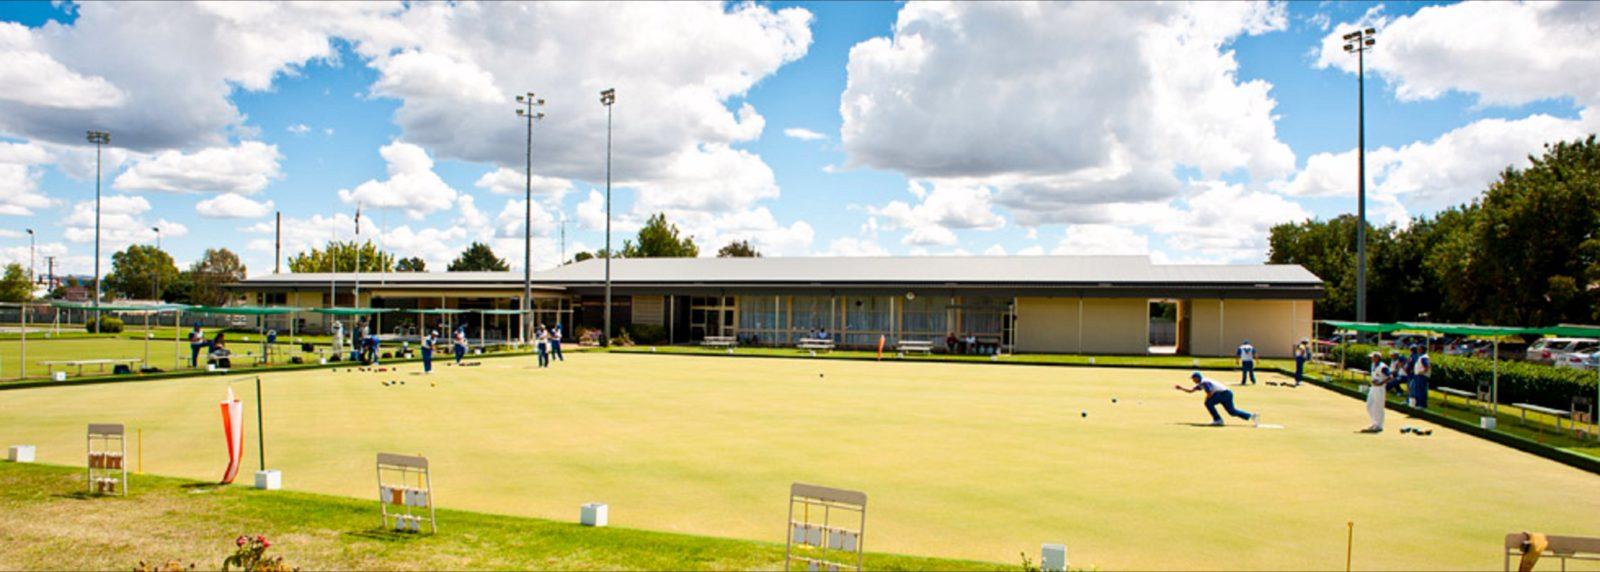 Grenfell Bowling Club